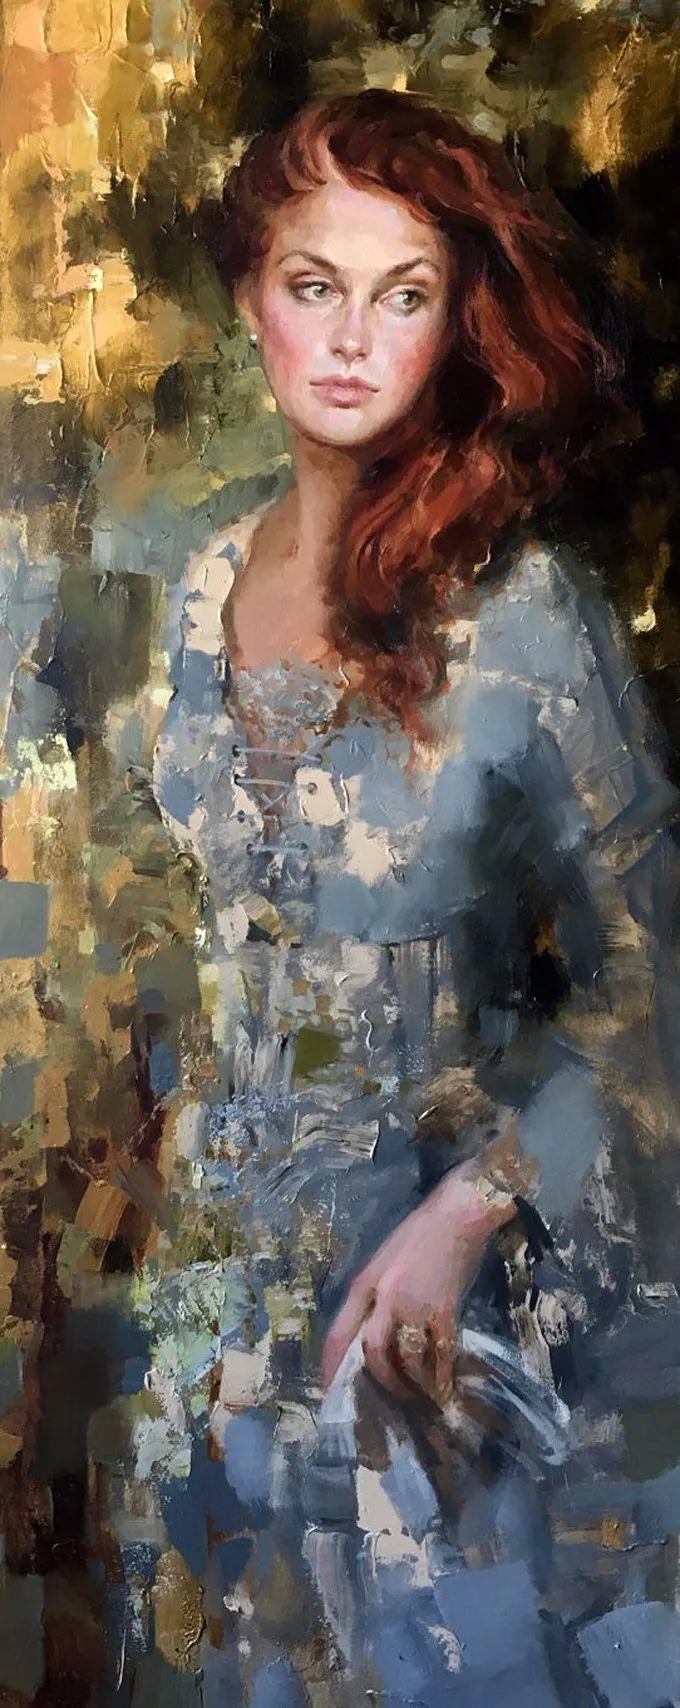 她的油画有一种惊艳脱俗的美,乌克兰天才女画家艾琳·谢里插图14